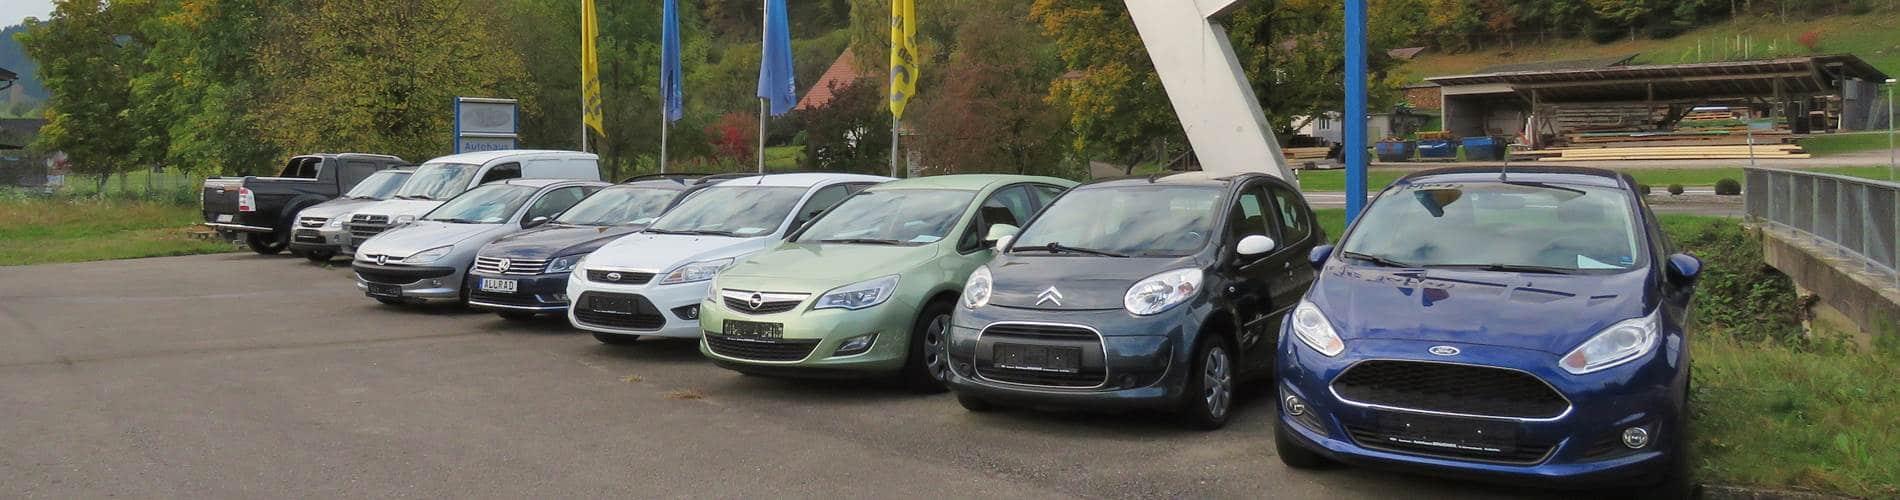 Fahrzeuge Autohaus Brucher Nordrach